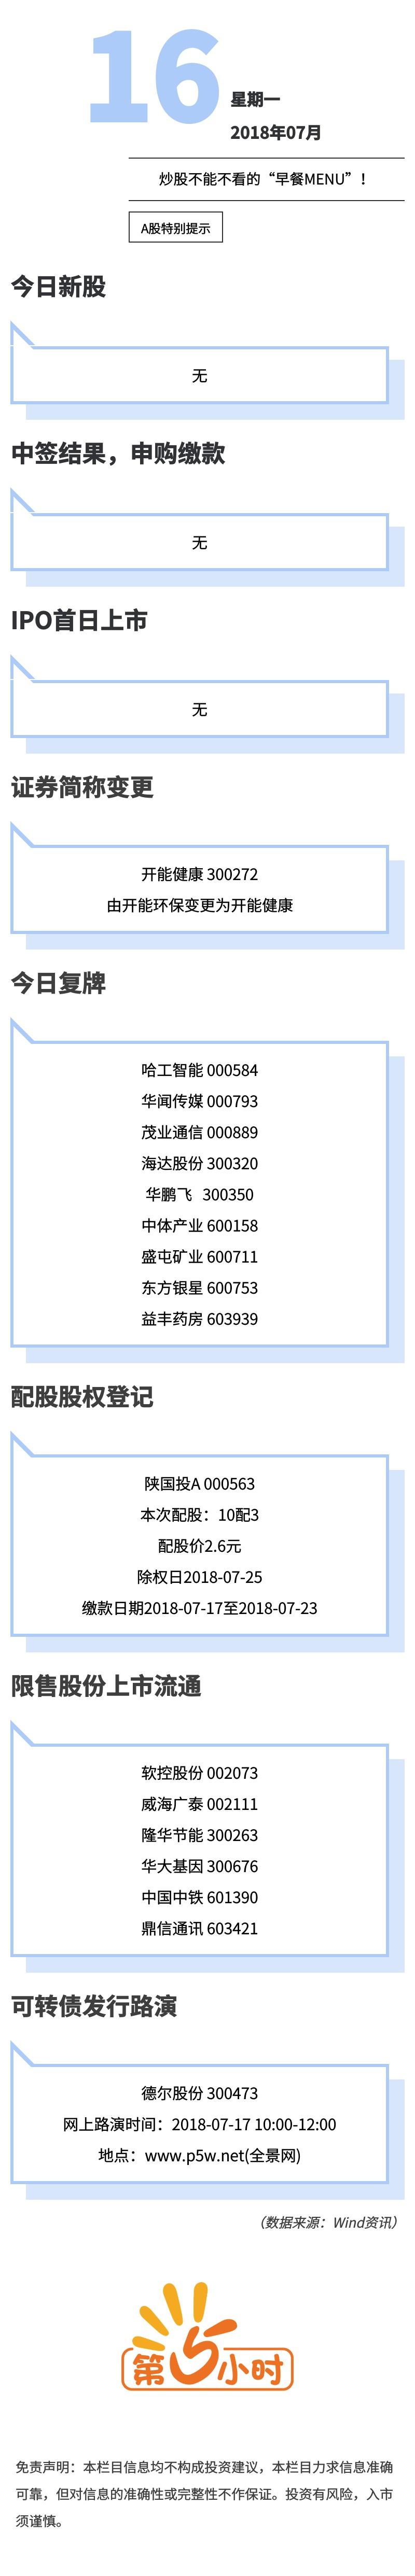 A股特别提示(2018-07-16).jpg